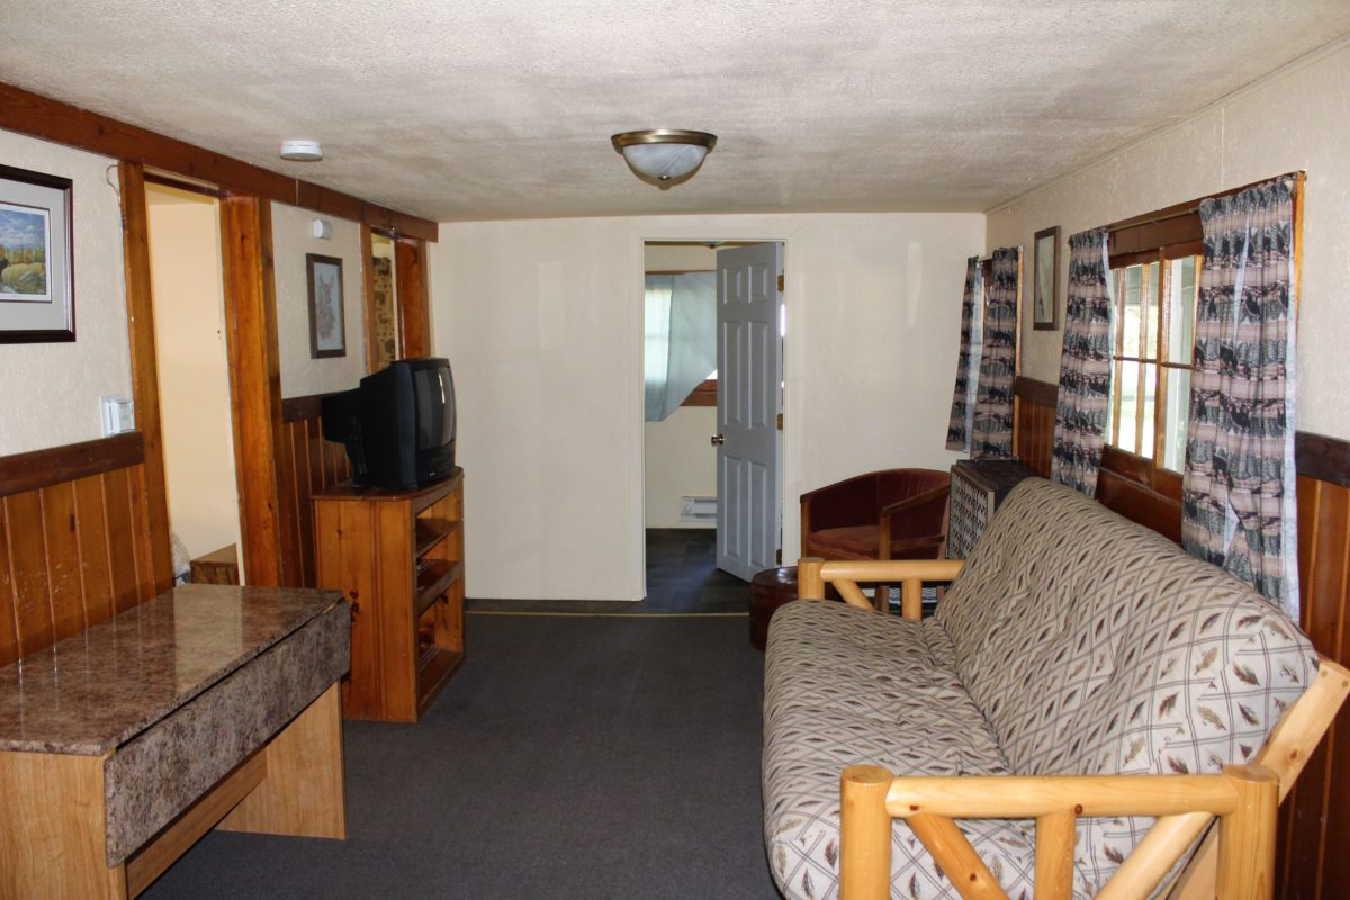 Sunset Resort for sale near Lake Kabetogama